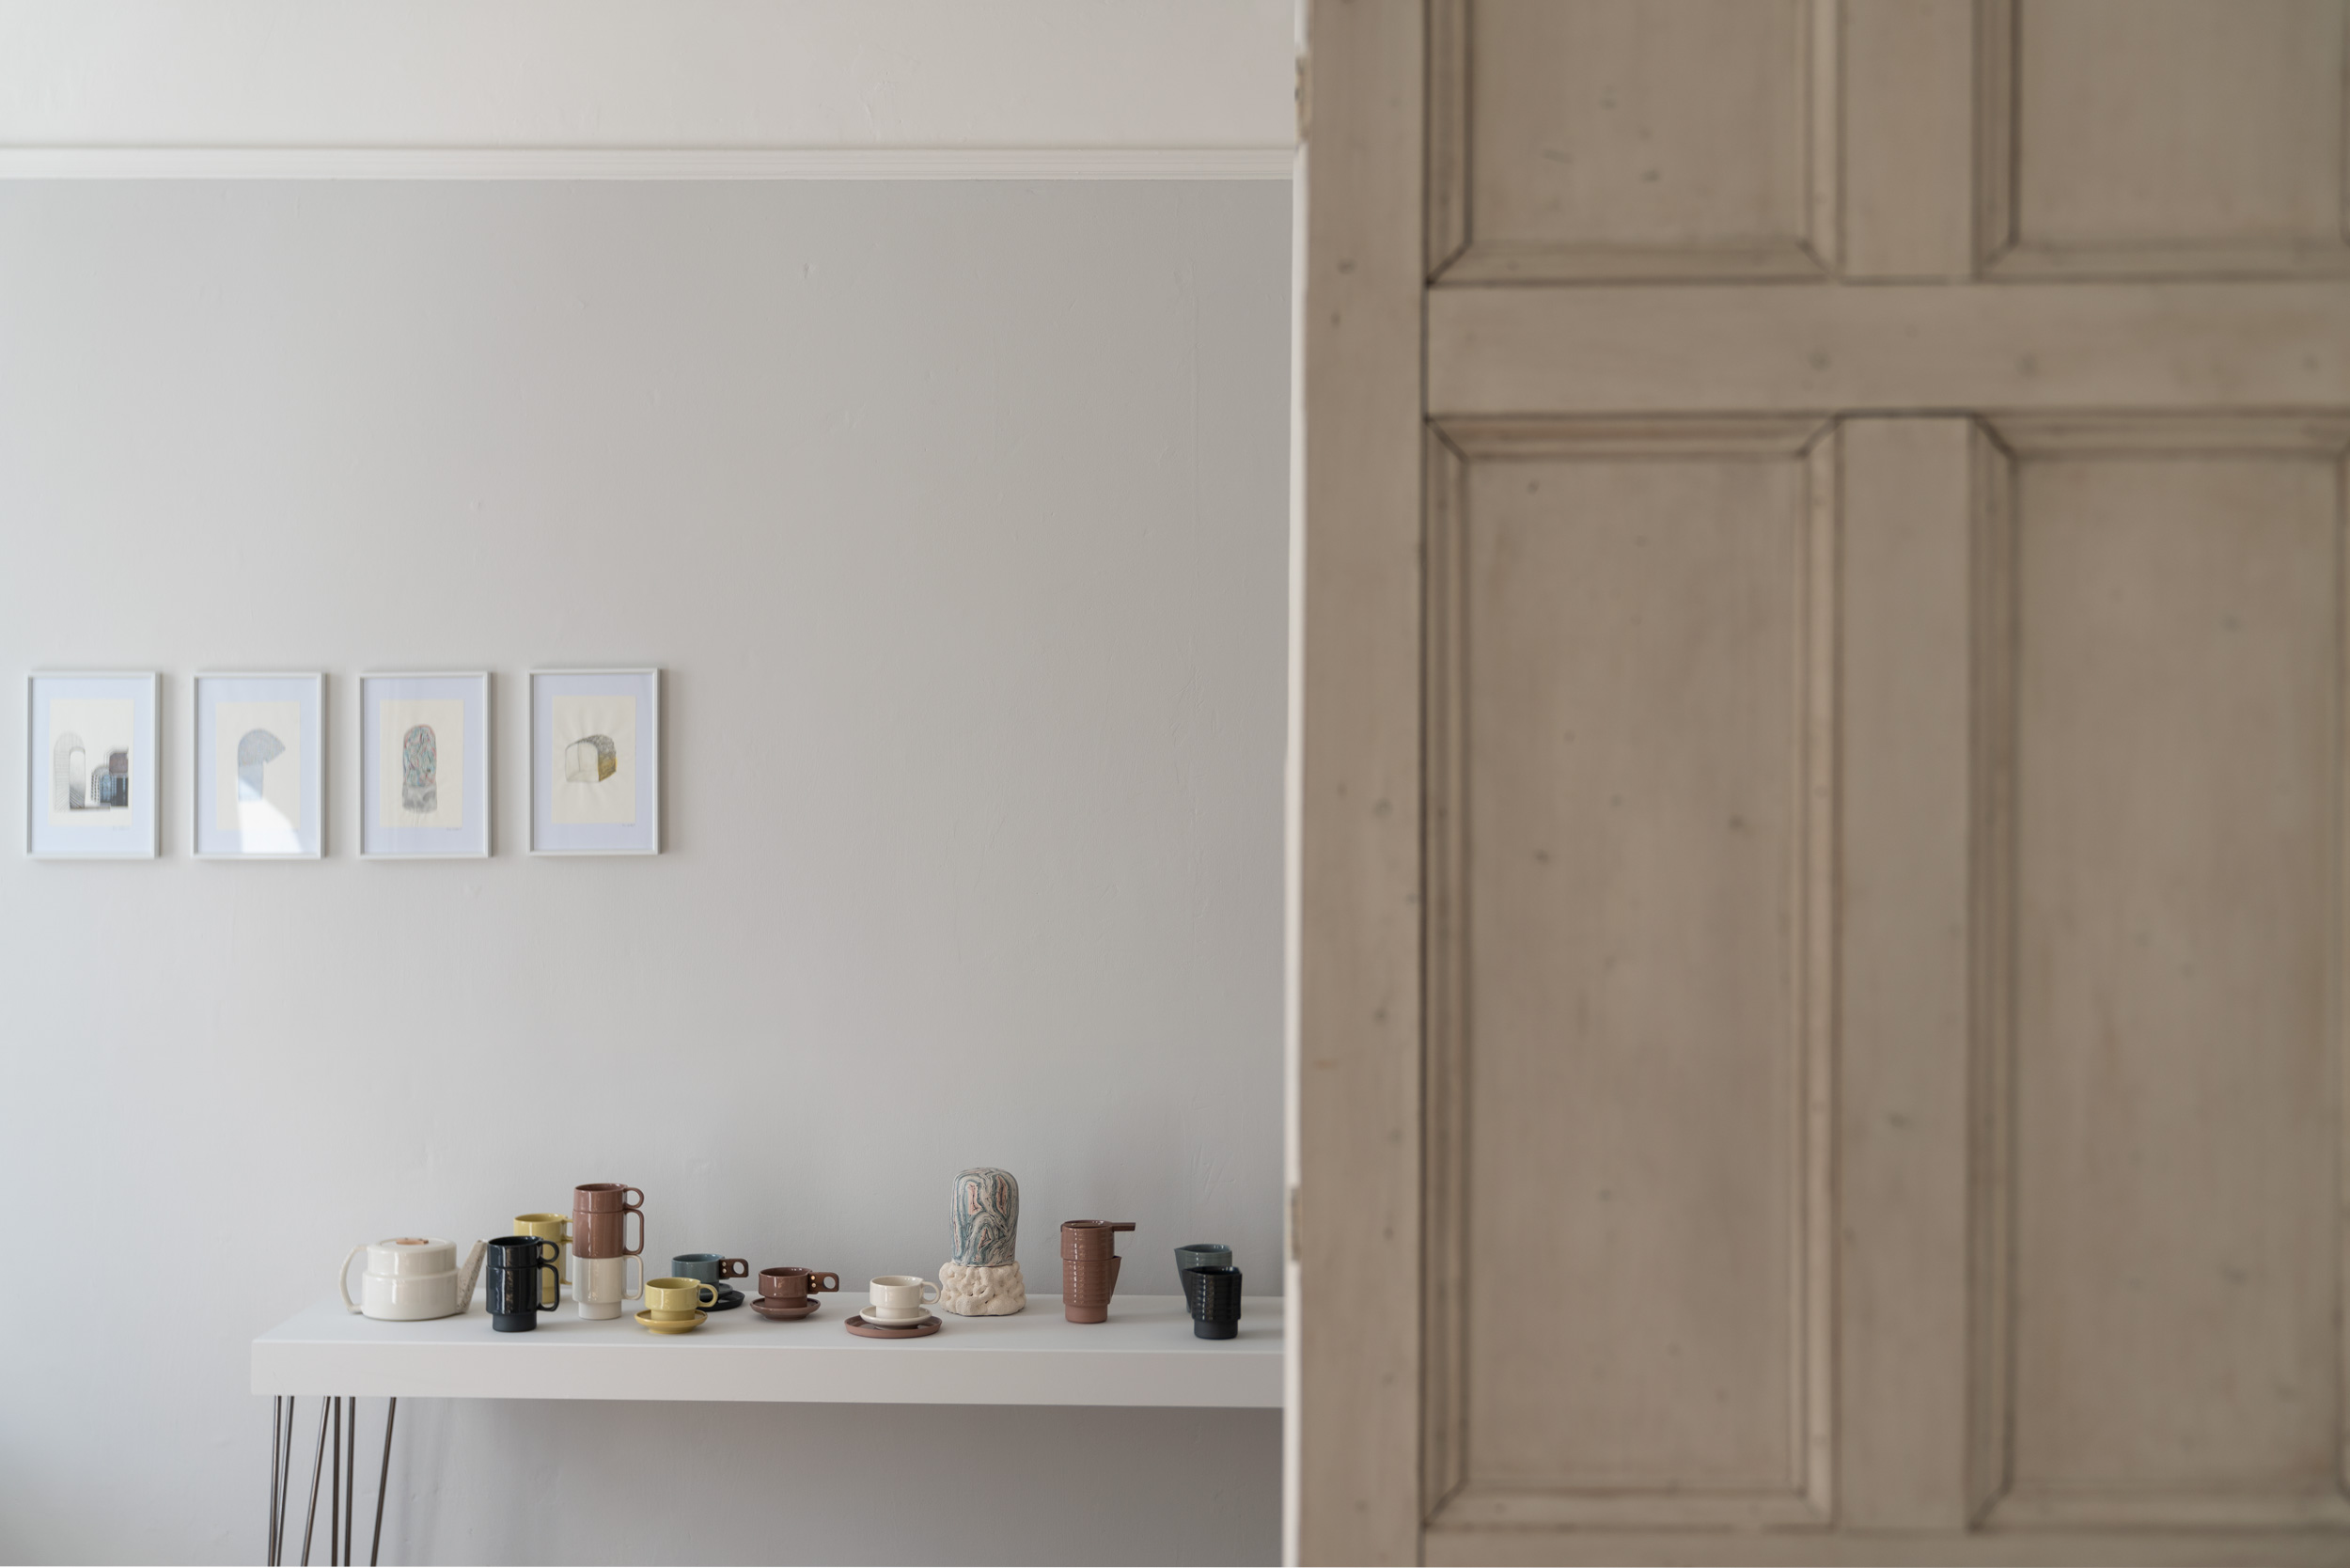 Fiona-Burrage-Photography-Caroline-Fisher-Ceramics-door.jpg